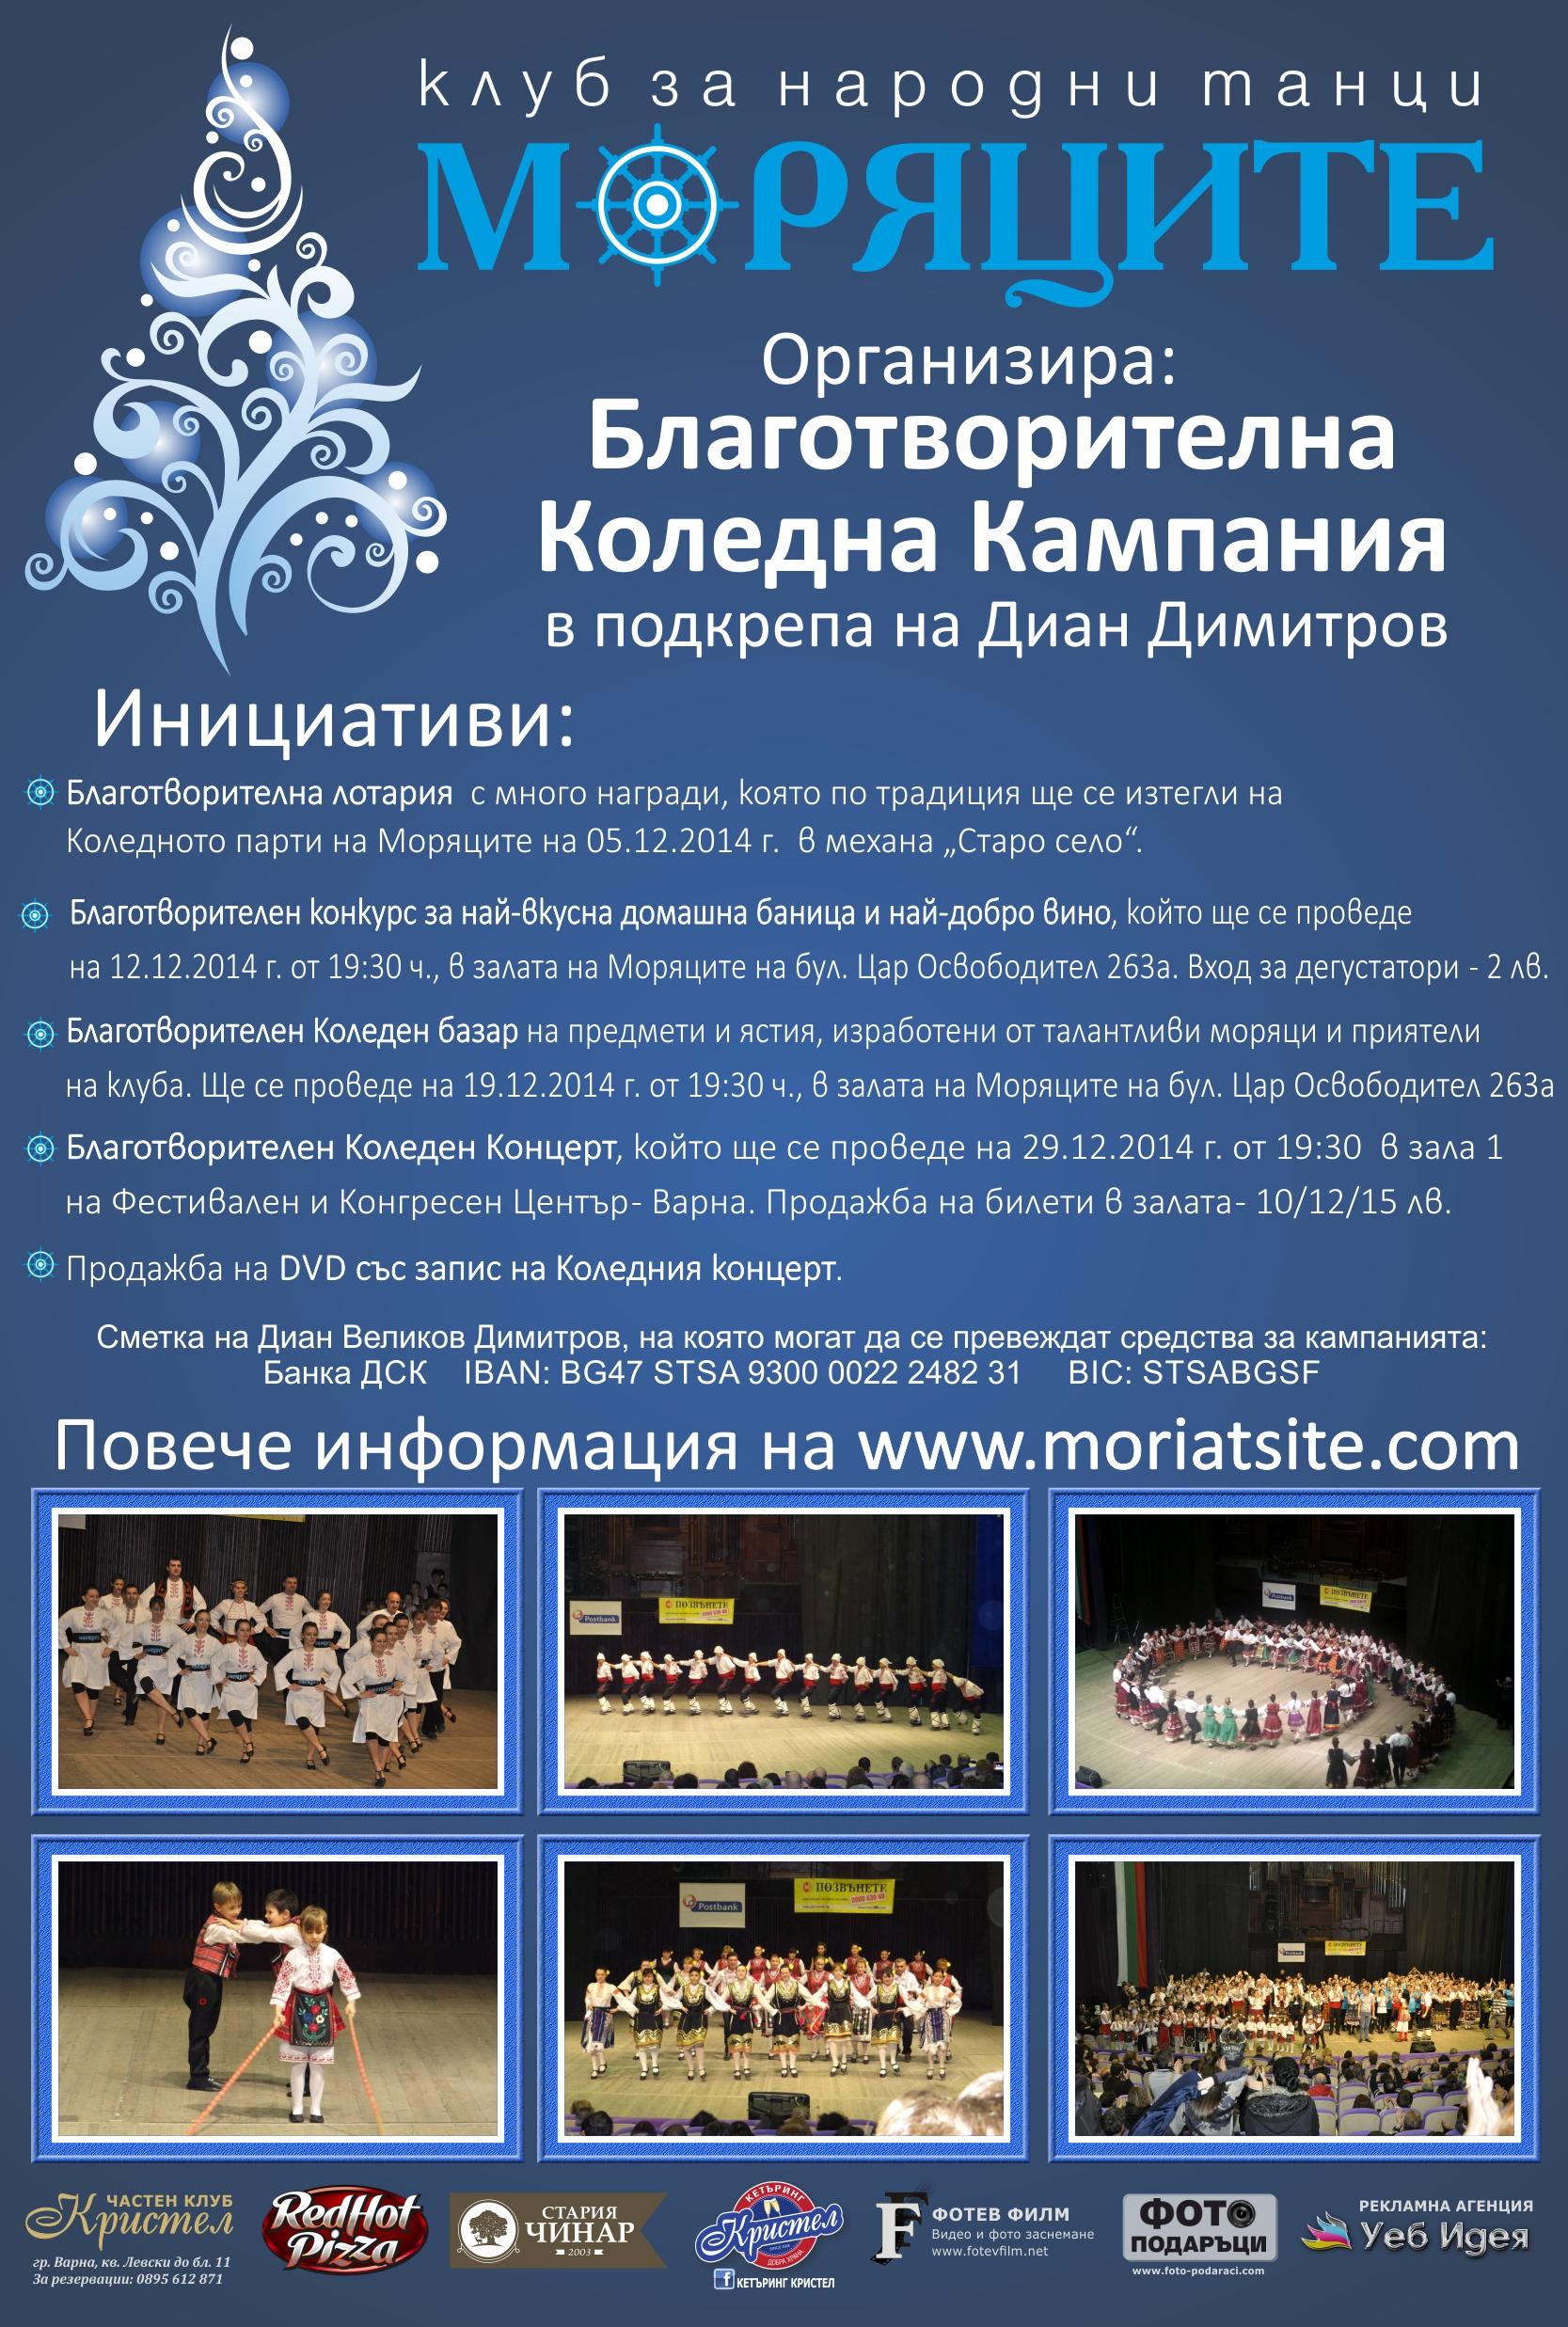 blagotvoritelni-iniciativi-2014